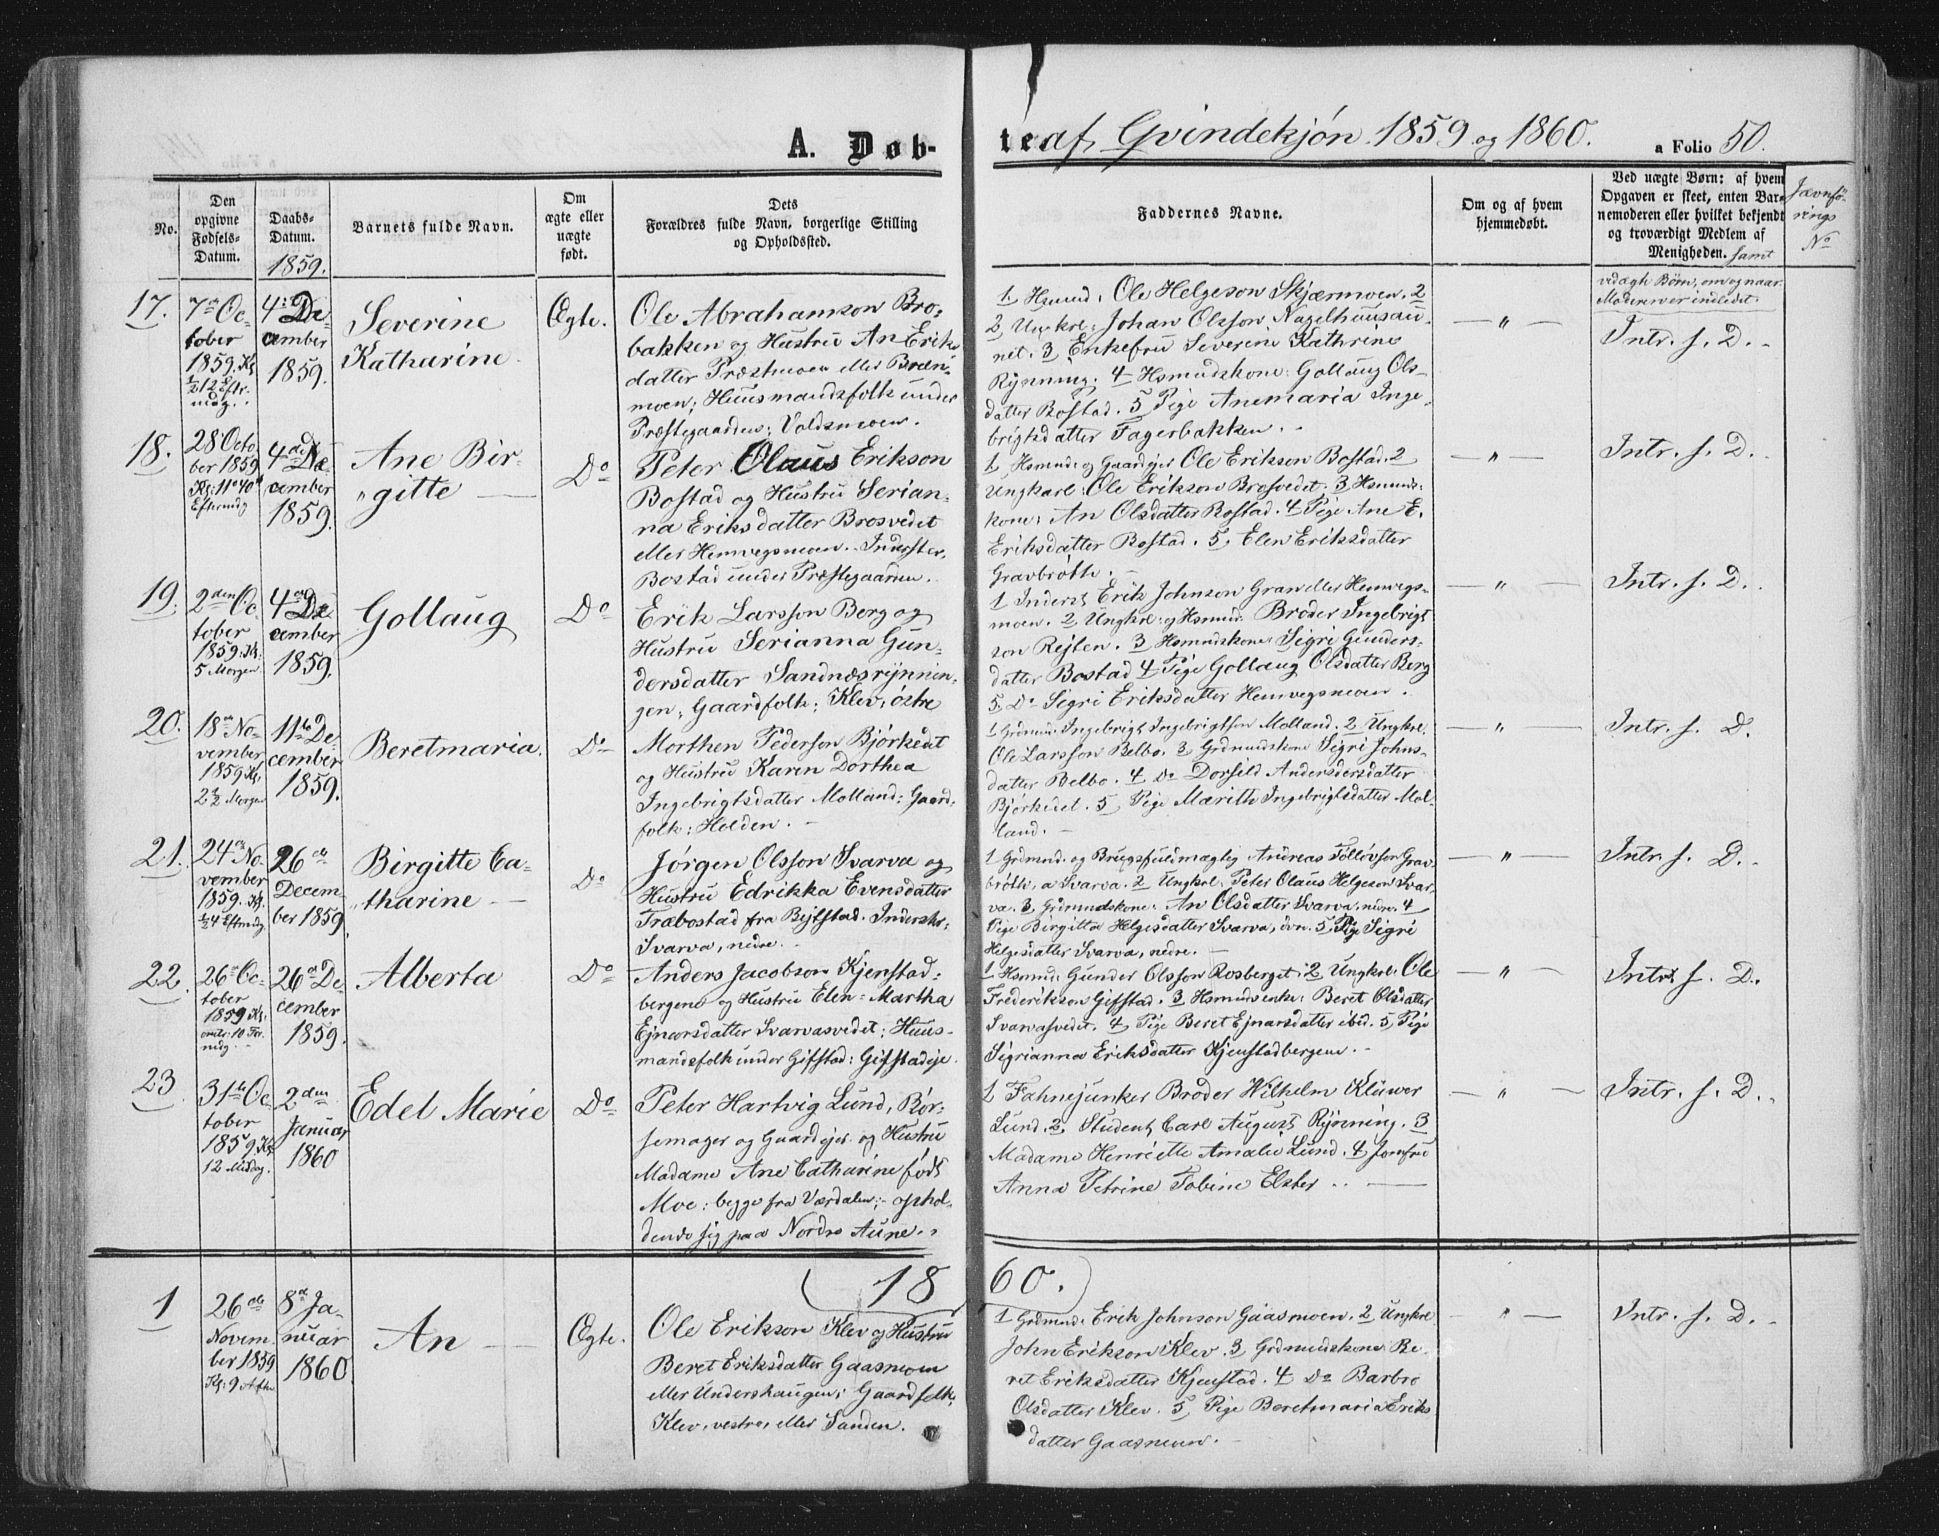 SAT, Ministerialprotokoller, klokkerbøker og fødselsregistre - Nord-Trøndelag, 749/L0472: Ministerialbok nr. 749A06, 1857-1873, s. 50